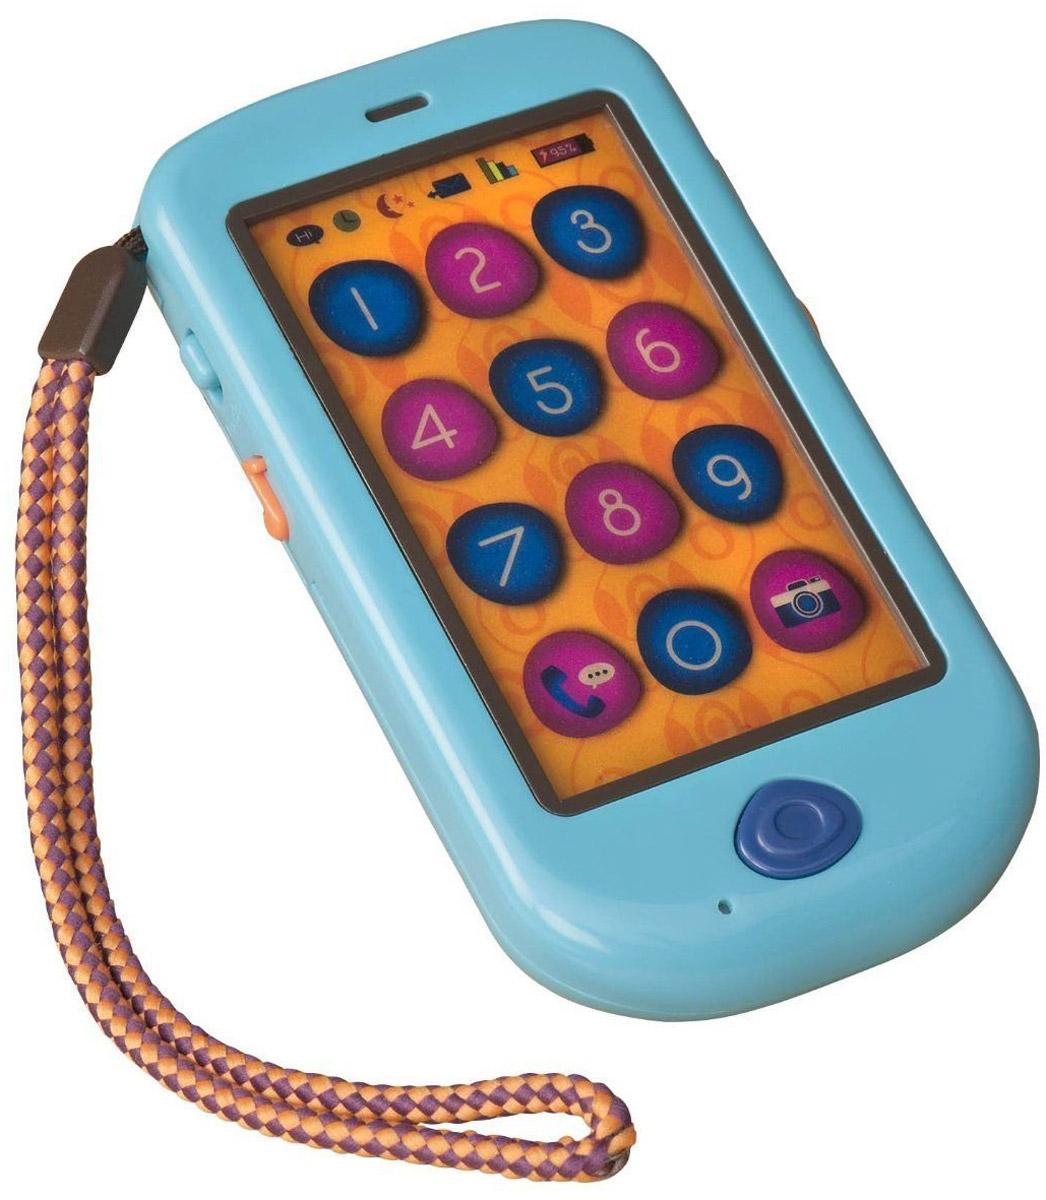 B.Dot Интерактивная игрушка Смартфон68681Смартфон B.Dot - это игрушечный телефон намного лучше, чем настоящий для детей от 18 месяцев. Многие мамы и папы захотят себе такой же. Сенсорный экран учит запоминать цифры, произнося их при нажатии на кнопки от 1 до 9. Есть запись и воспроизведение. Родители могут записать сообщения для детей, а они их потом прослушают. Нажав на кнопку слева, смартфон начнет воспроизводить 4 разные мелодии, как в настоящем телефоне. Через 8 секунд молчания, телефон может перезванивает вам. Все элементы игрушки выполнены из прочного пластика. Для работы потребуются 3 батарейки типа AAA(в комплект входят). Телефон озвучен на английском языке.